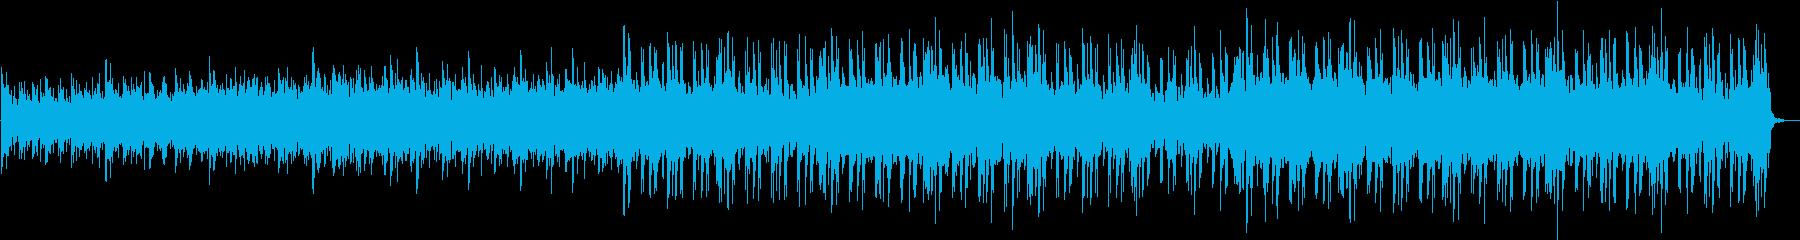 流麗なPfと重厚なリズムが神秘的空間表現の再生済みの波形